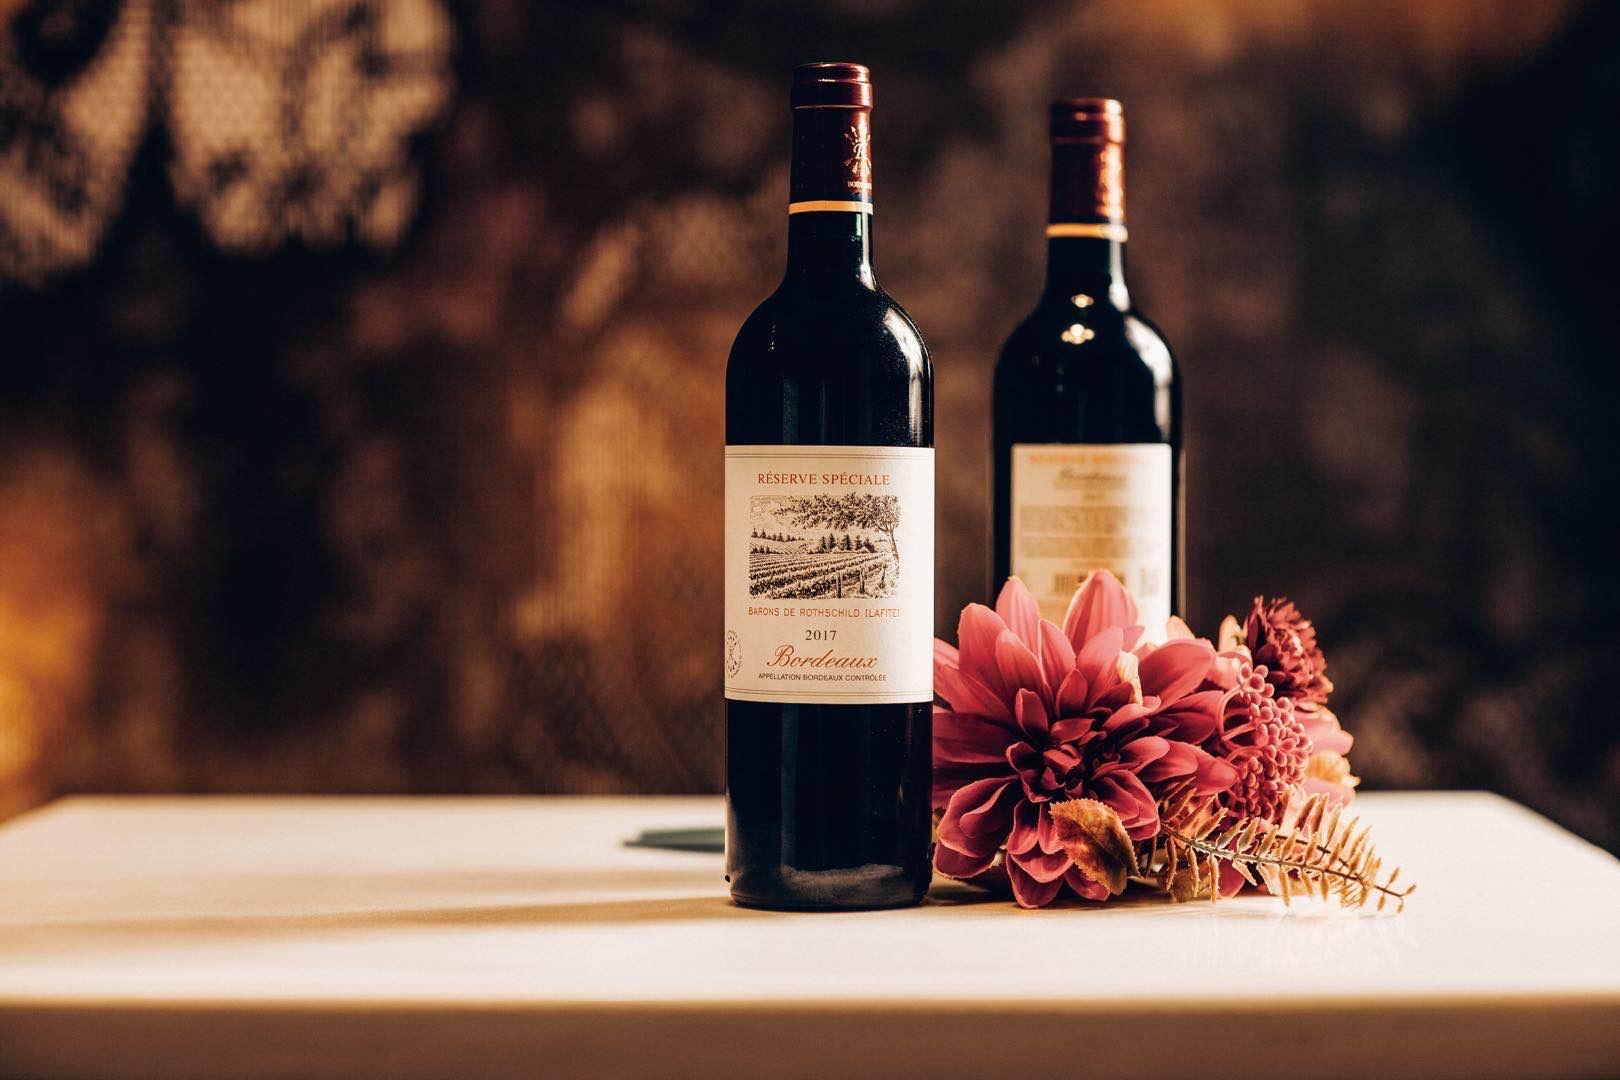 【国现秒发】6瓶装 罗斯柴尔德珍藏红酒波尔多干红(2017年份)